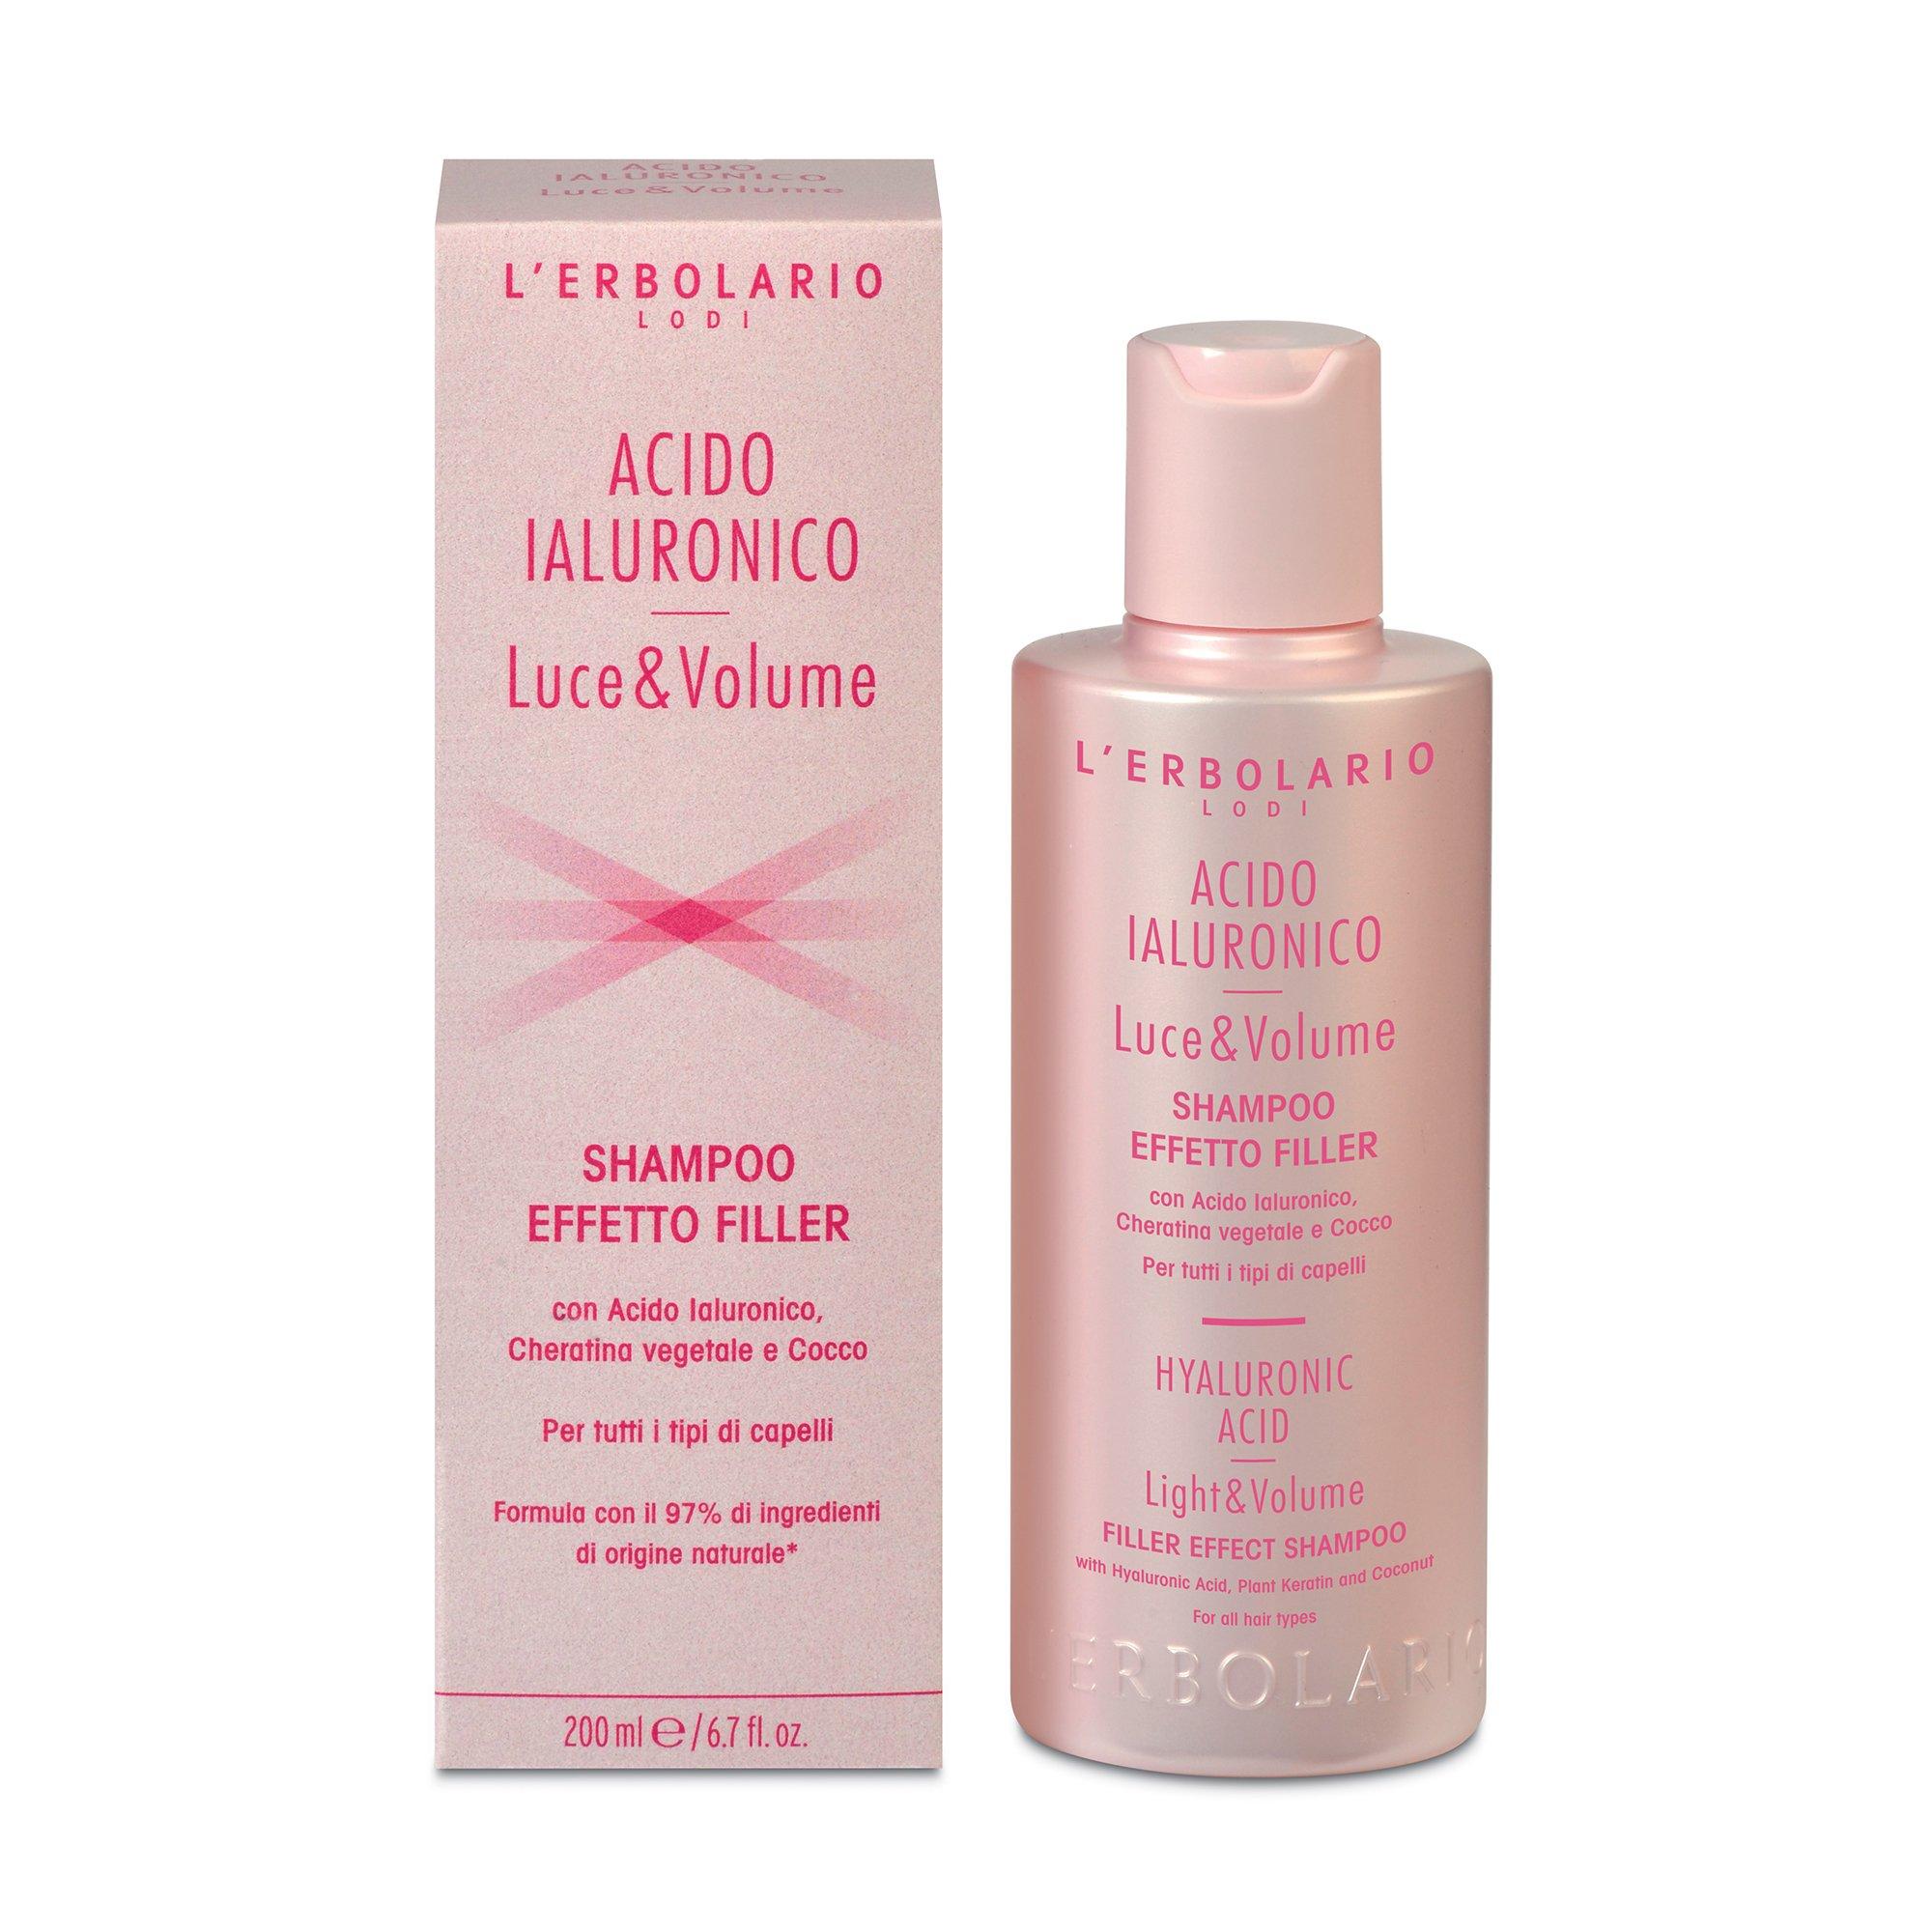 Acido Ialuronico Luce e Volume Shampoo Effetto Filler di Erbolario